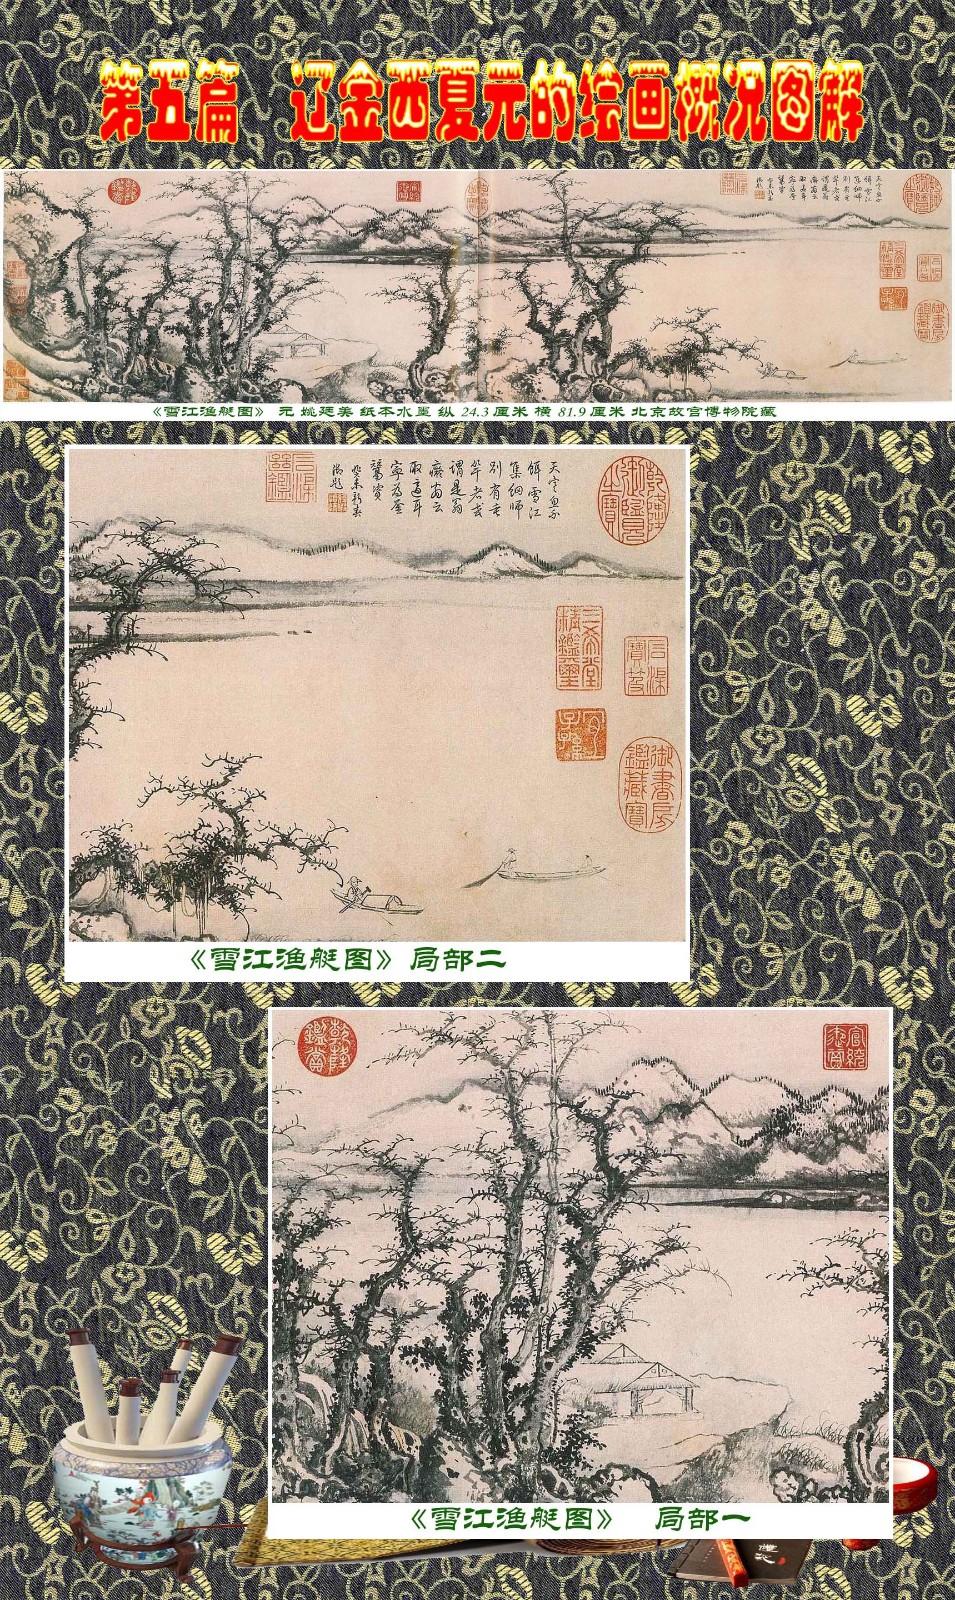 顾绍骅编辑 中国画知识普及版 第五篇 辽金西夏元的绘画概况 下 ... ..._图1-75